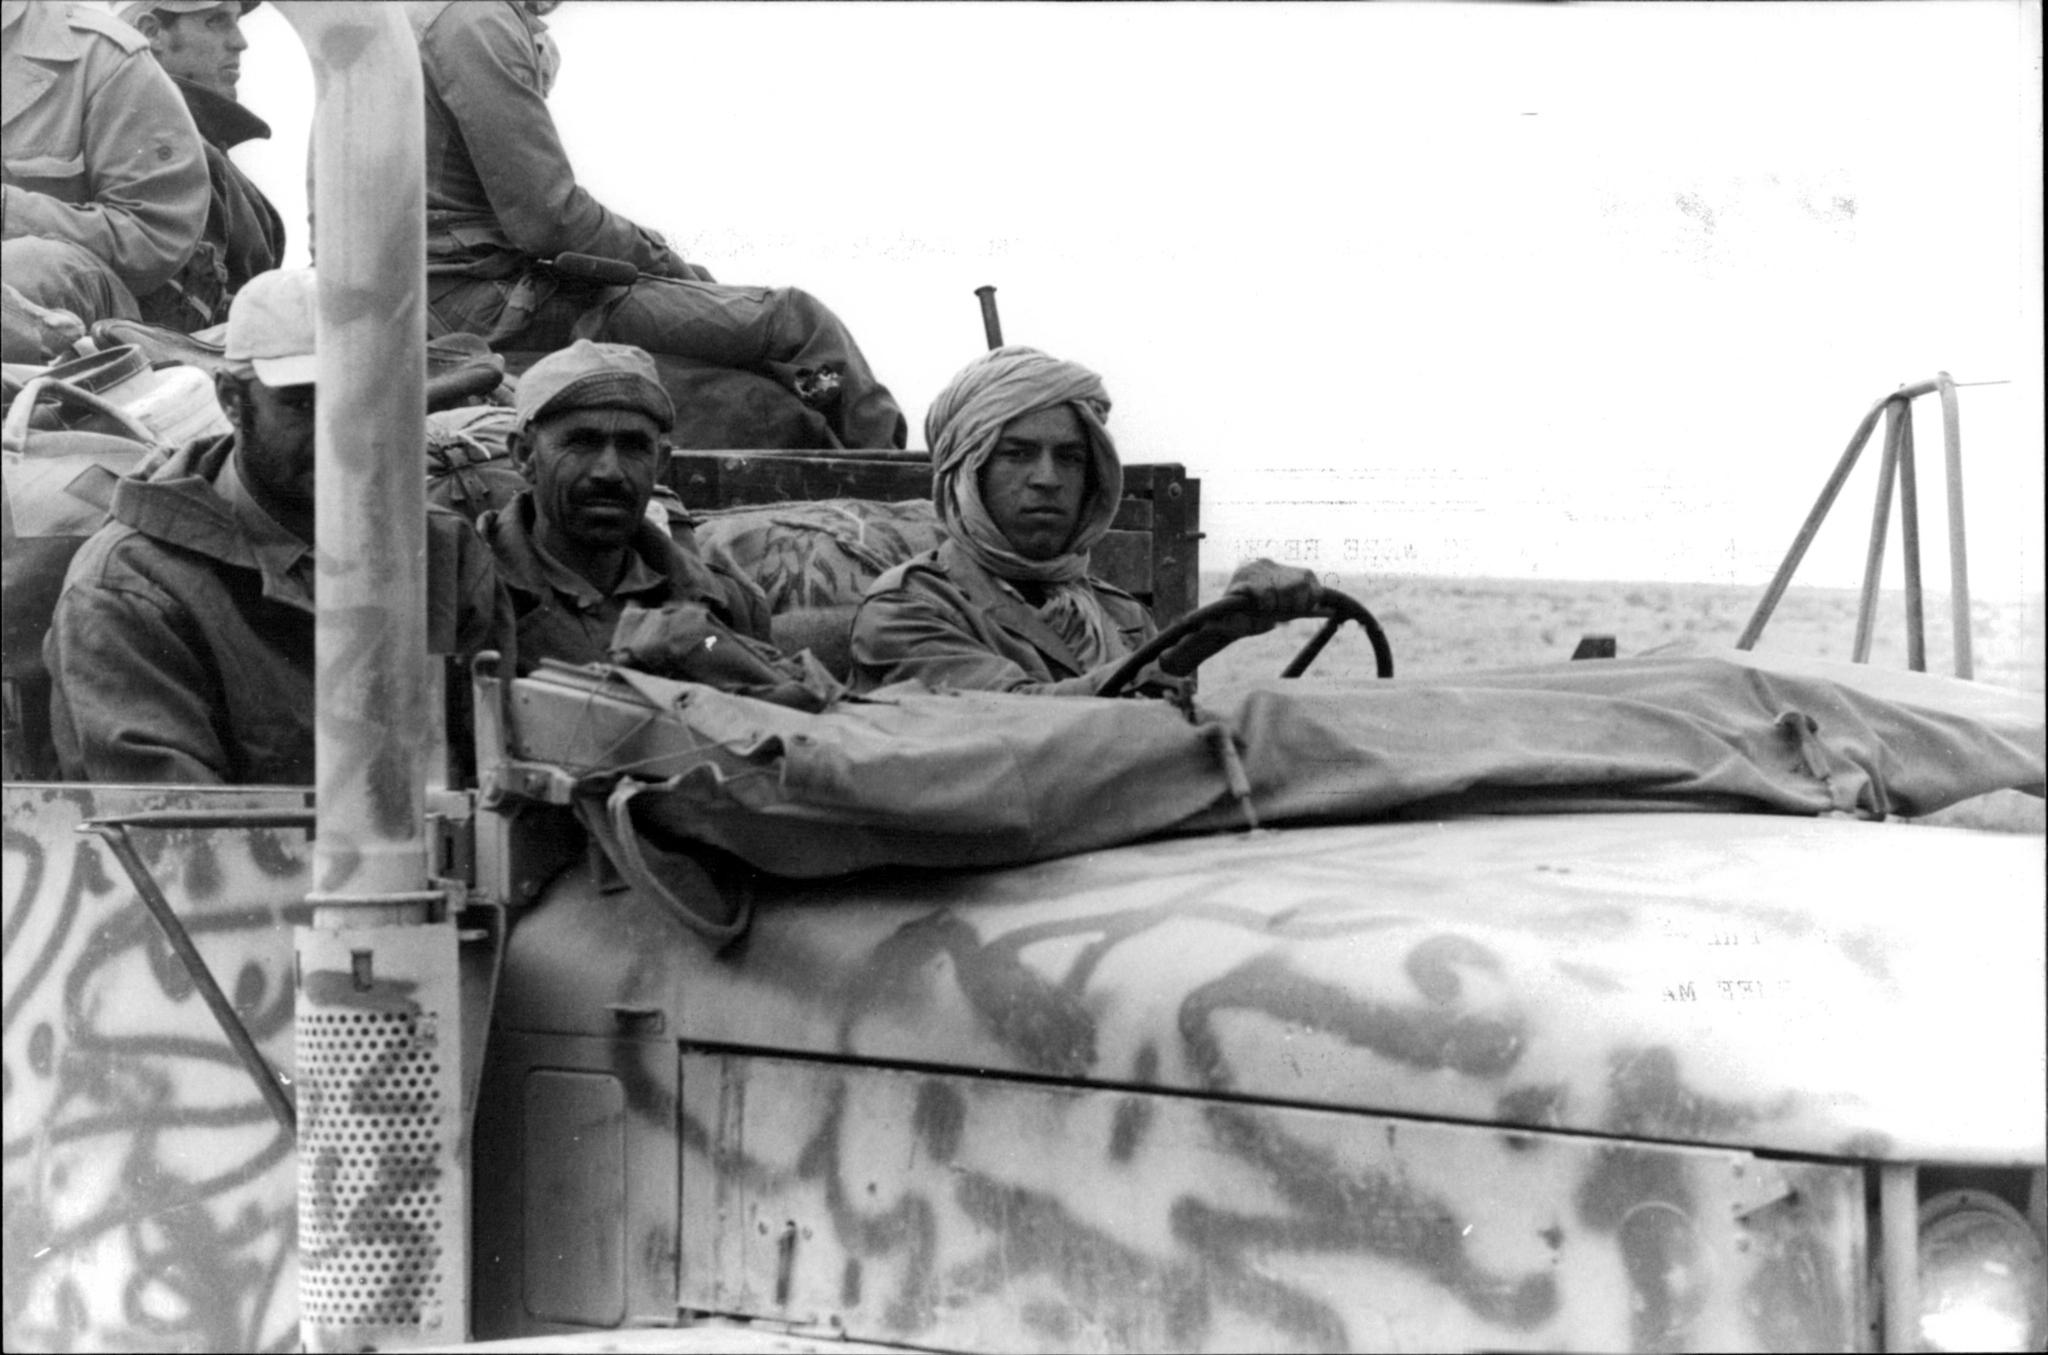 Le conflit armé du sahara marocain - Page 11 48516867951_0af42c6442_o